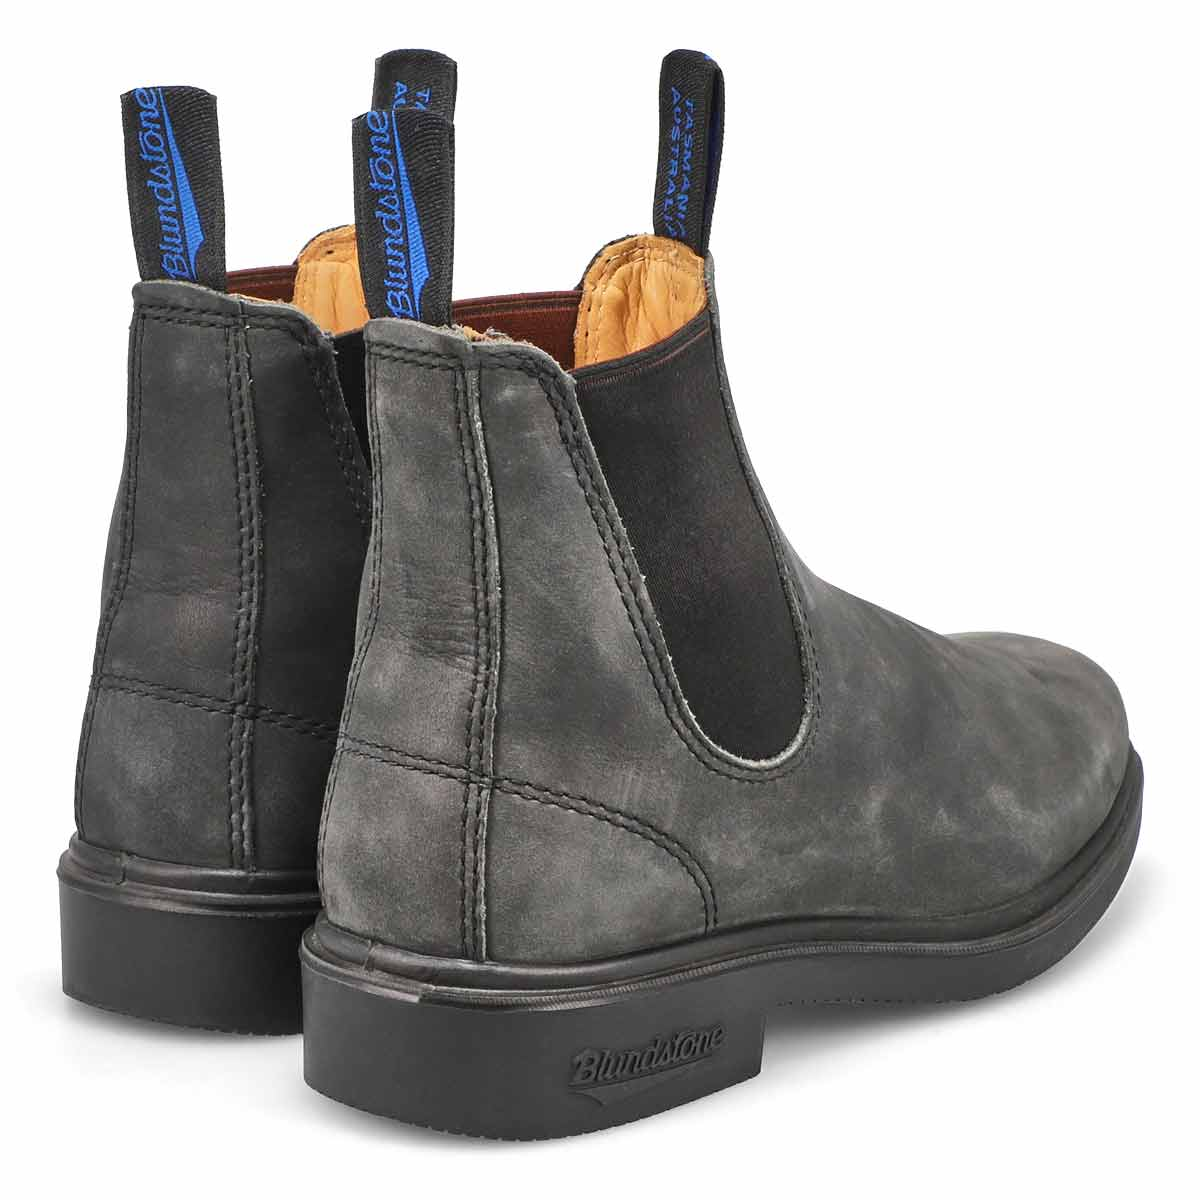 Unisex TheWinterChiselToe blk lined boot